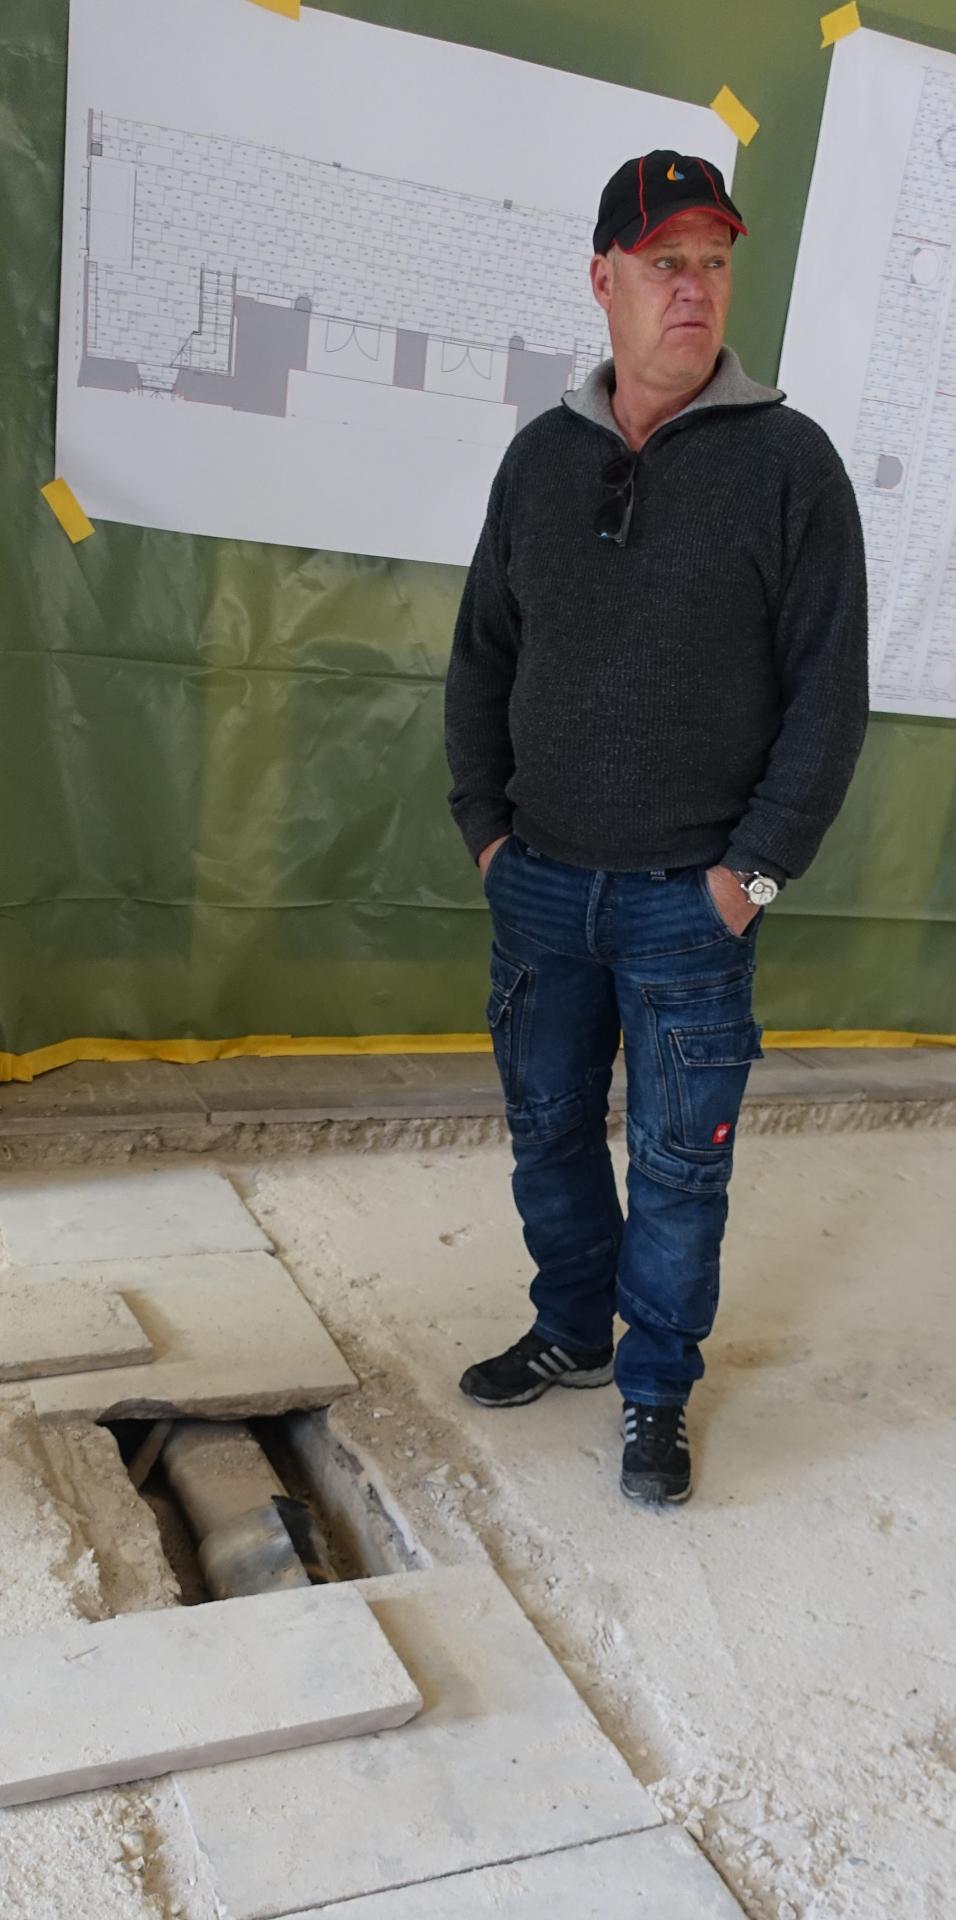 Jörg Reinhardt